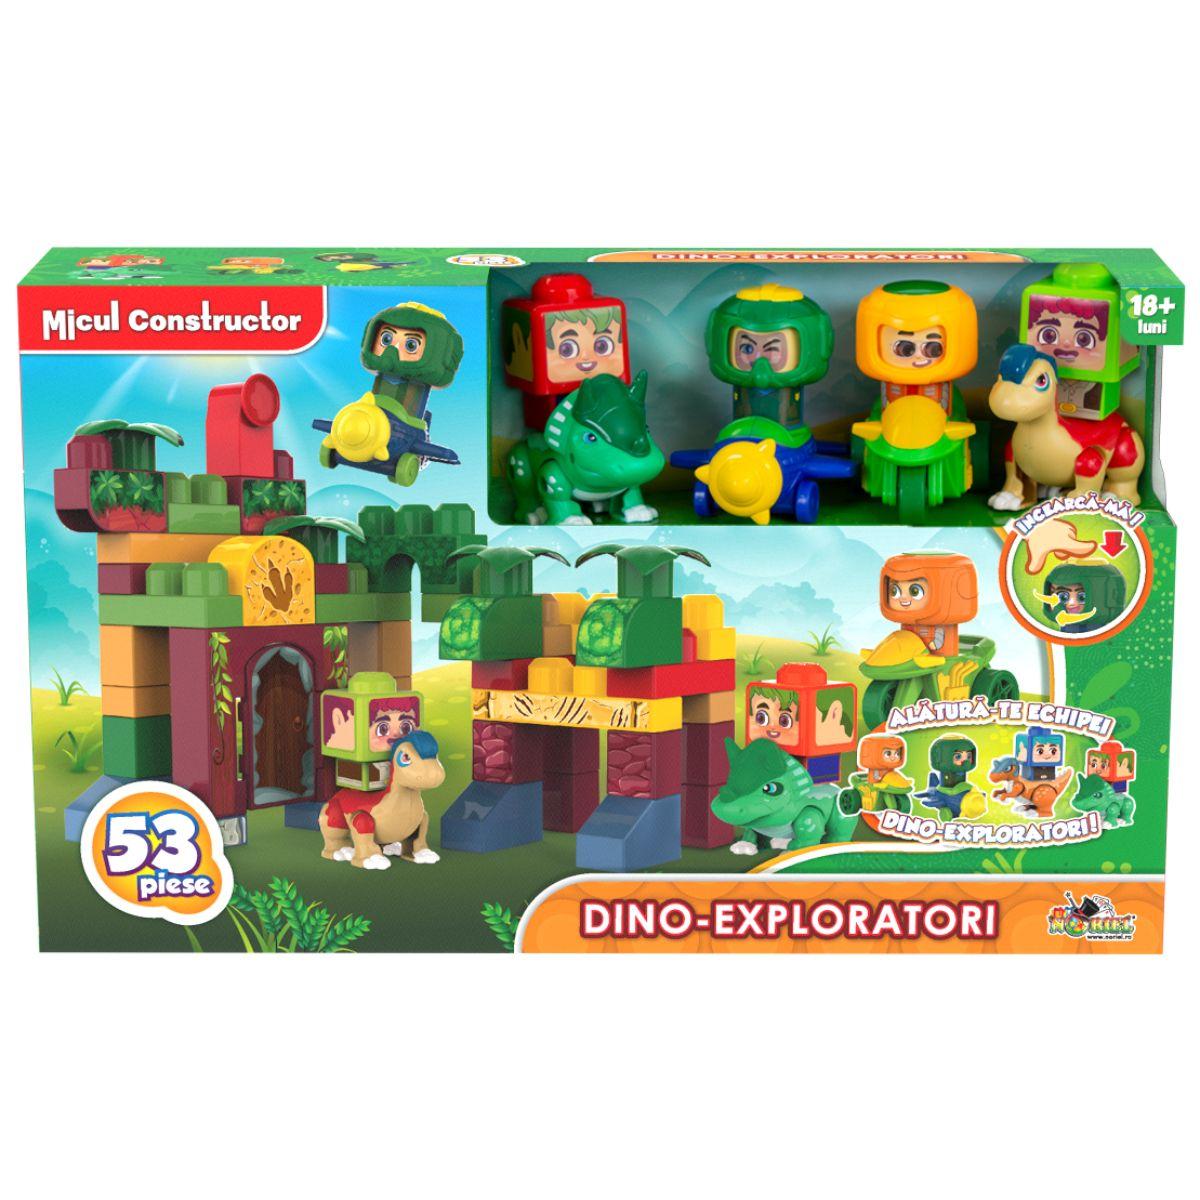 Dino-exploratori, Micul Constructor